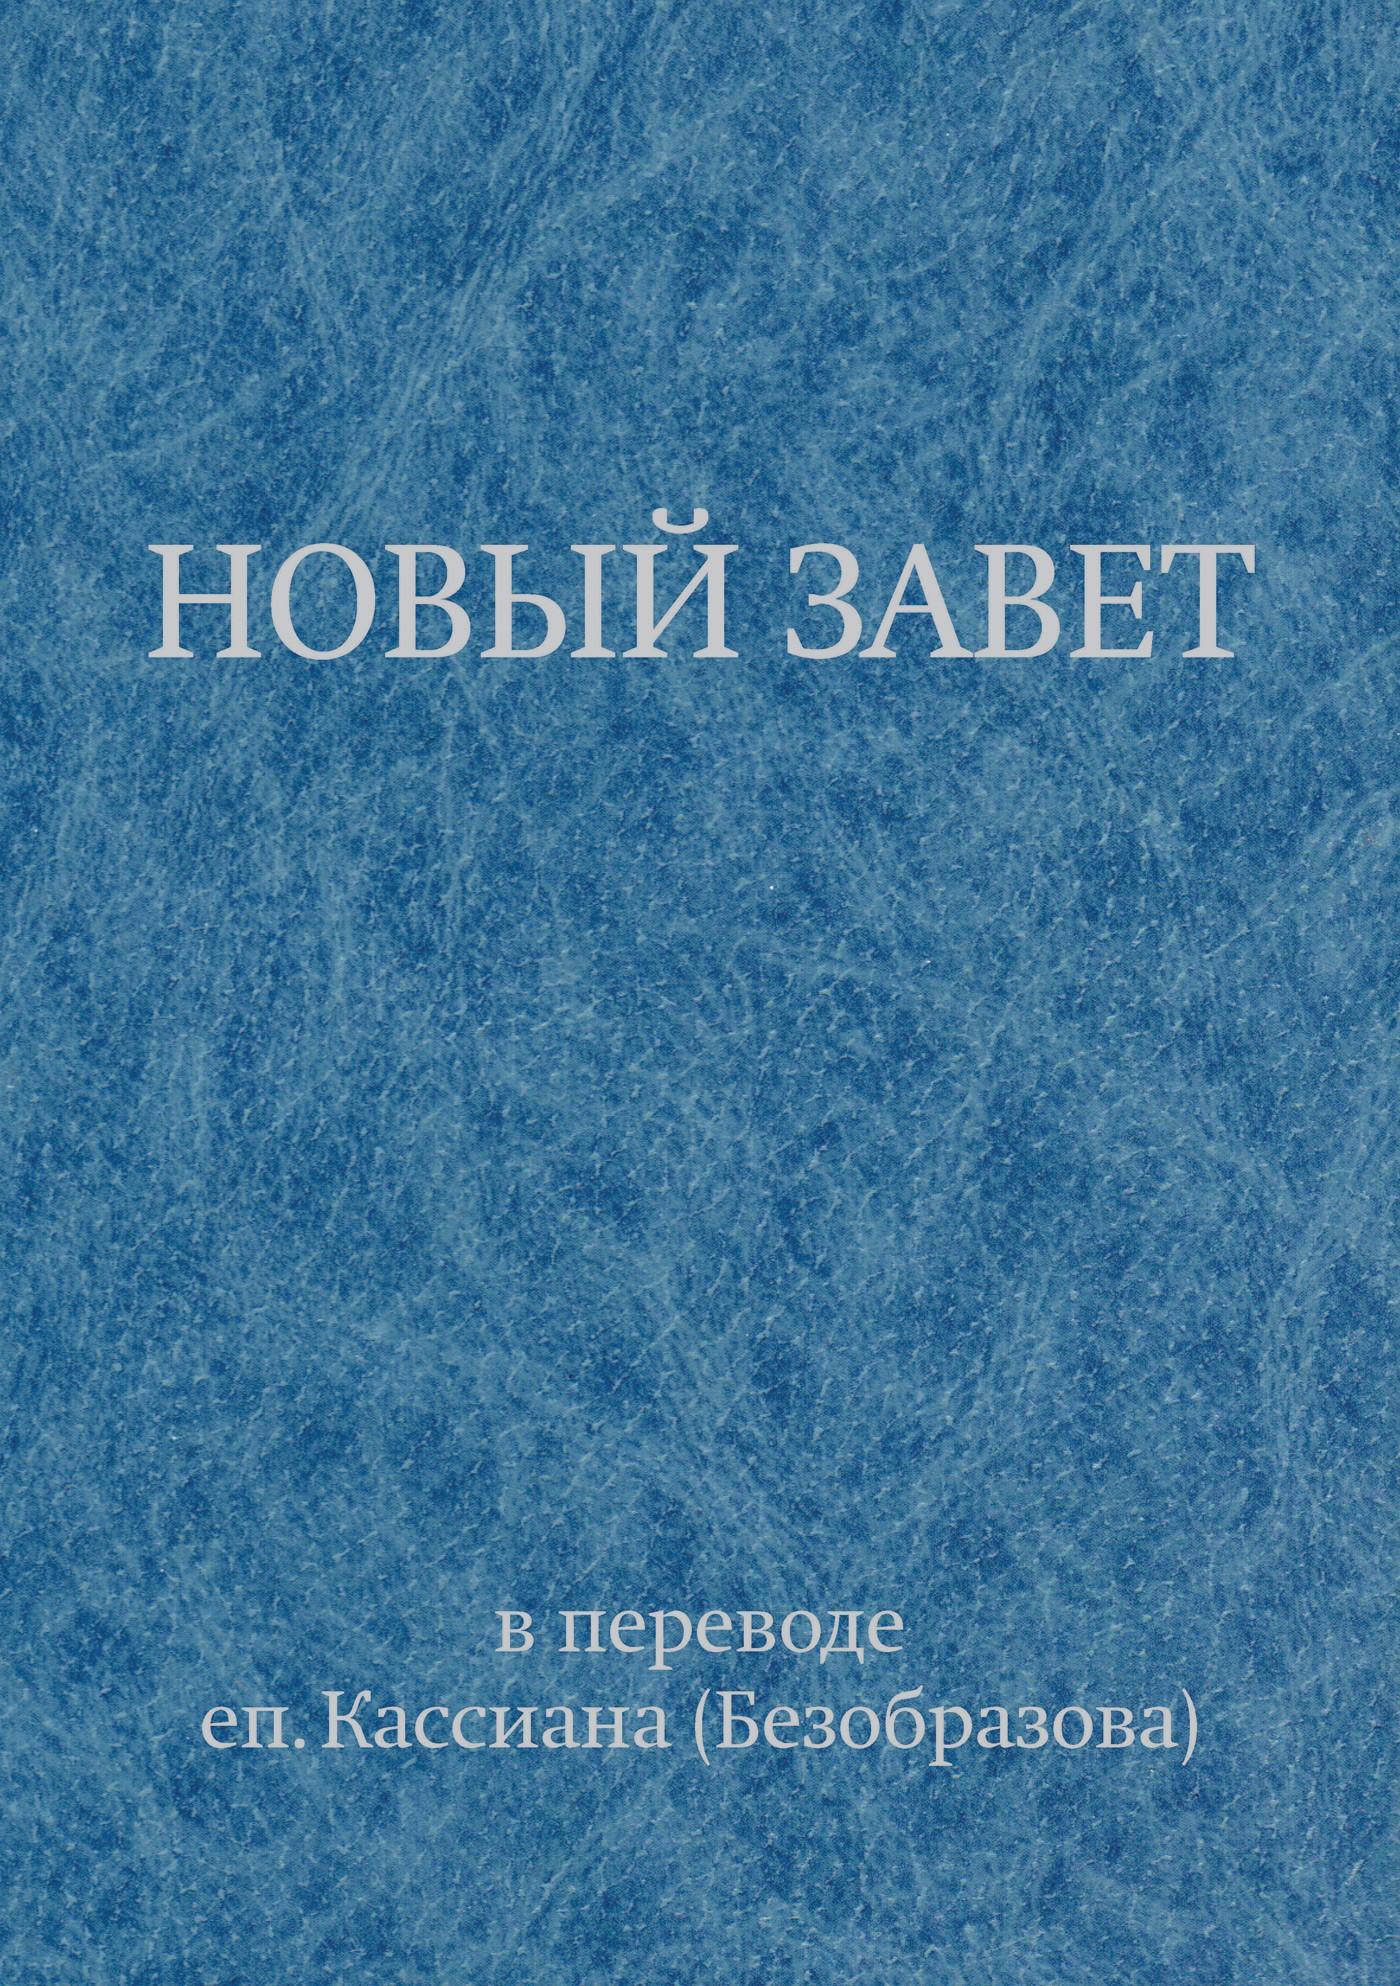 Священное Писание Новый Завет в переводе еп. Кассиана (Безобразова) новый завет современный русский перевод перевод епископа кассиана